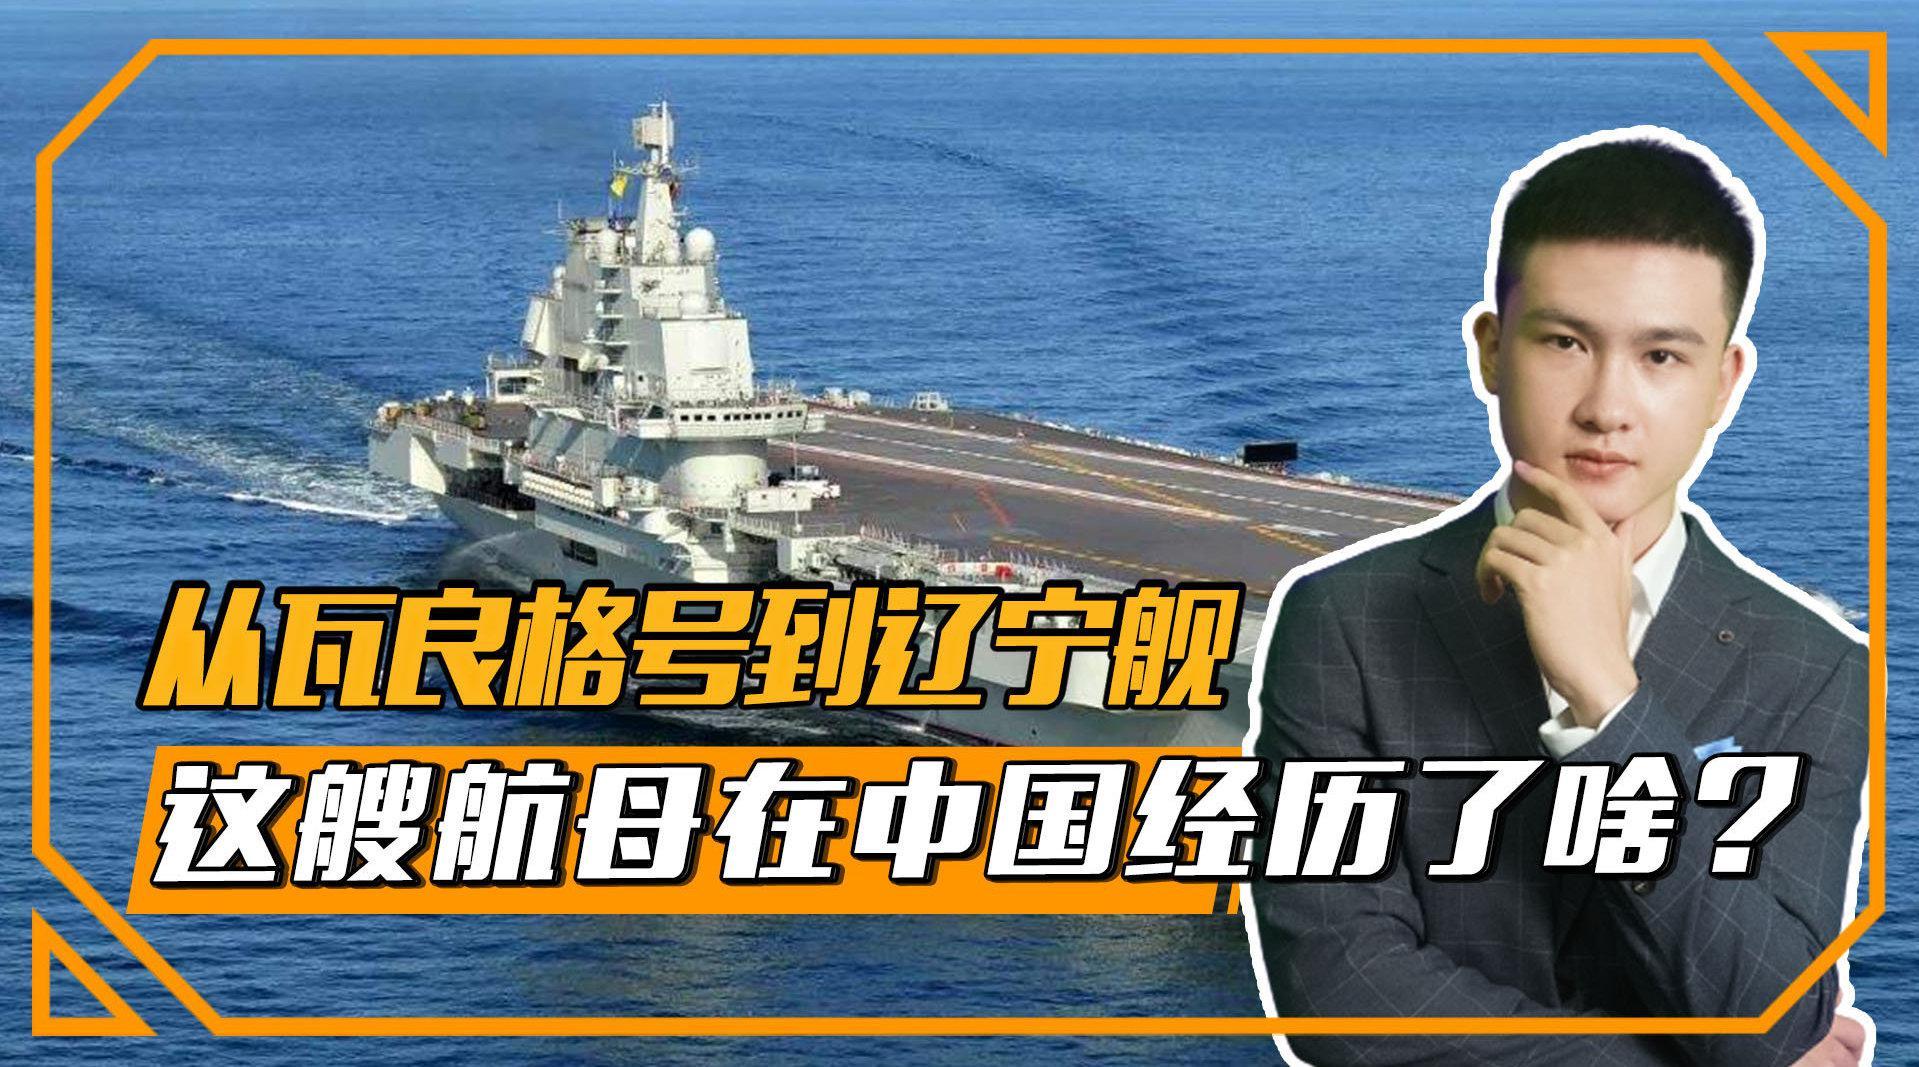 从瓦良格号到辽宁舰,这艘航母在中国经历了啥?